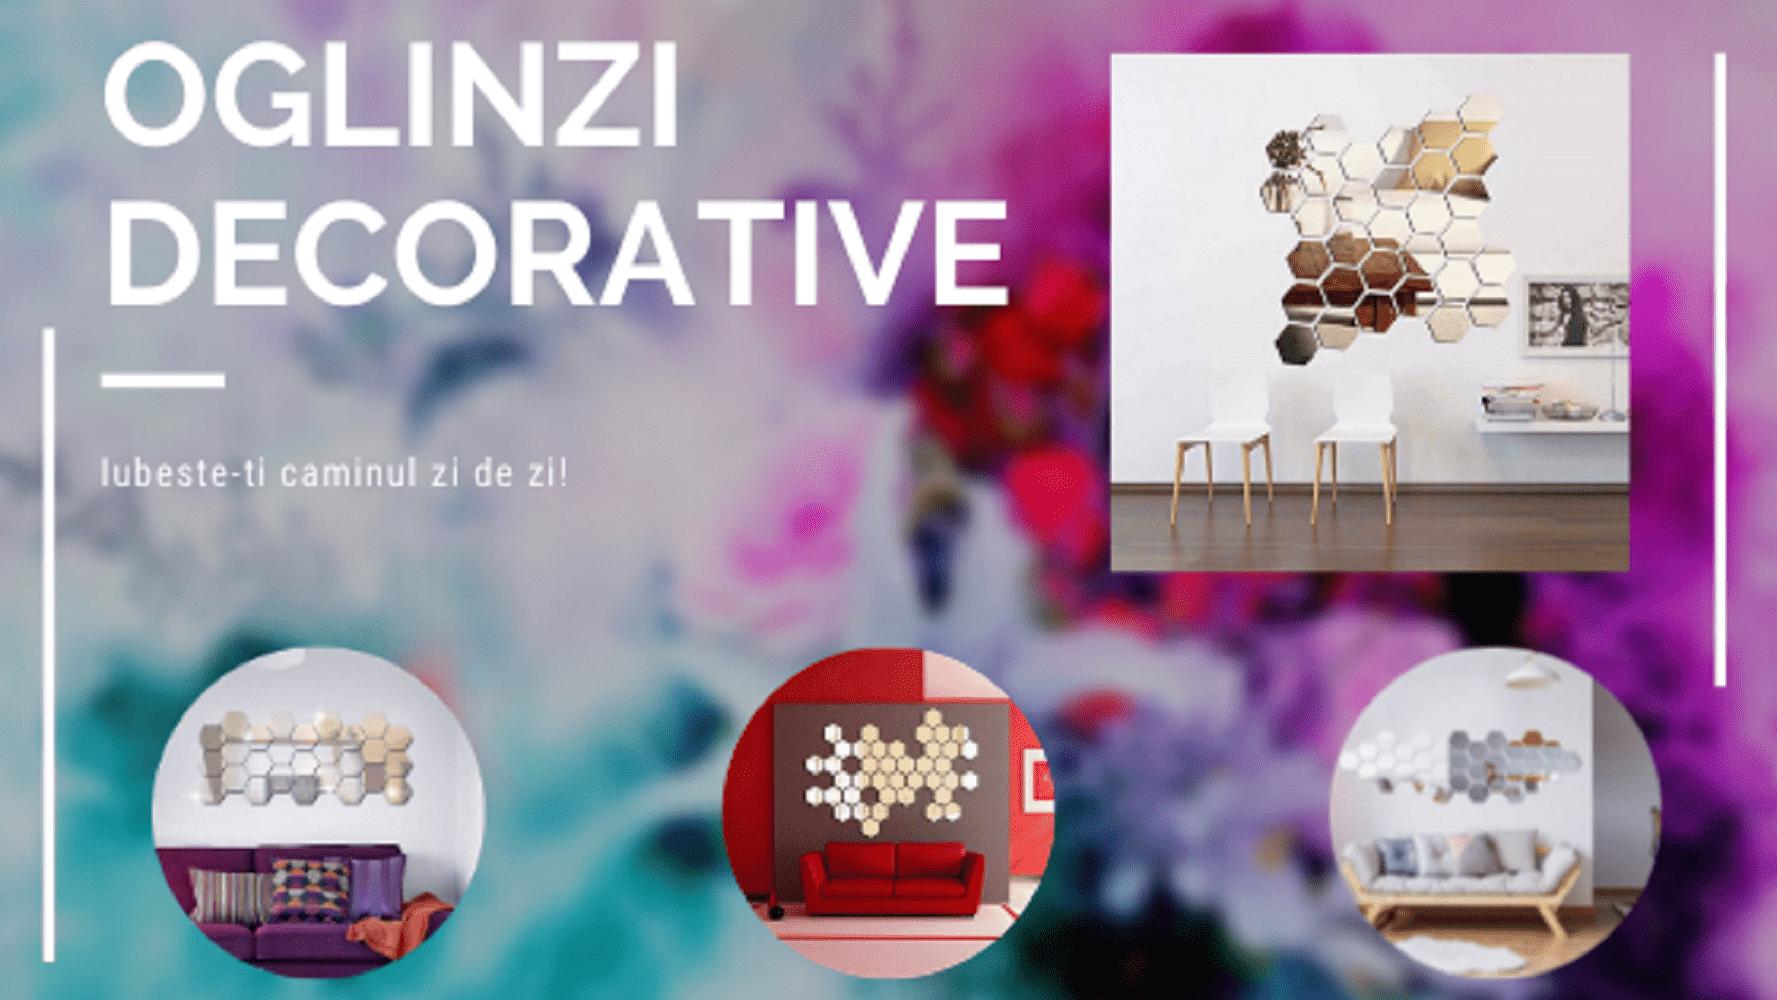 Set 12 Oglinzi Decorative - Sticker 3M